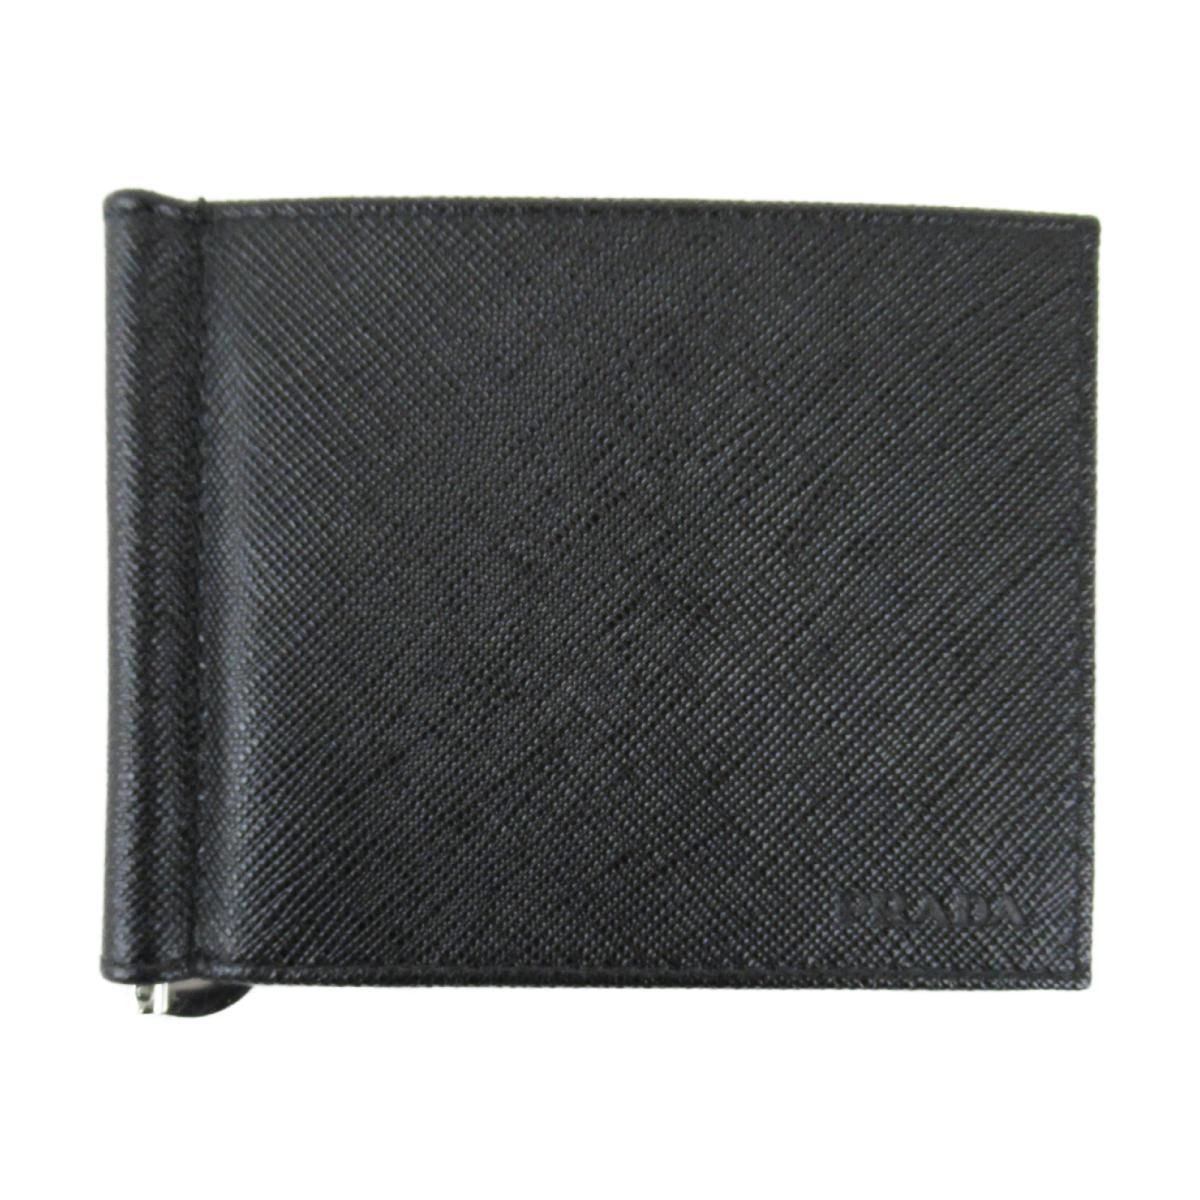 プラダ SLG サフィアーノ マネークリップ カード ケース メンズ レディース サフィアーノレザー ブラック (2MN077053F0002)   PRADA BRANDOFF ブランドオフ ブランド ブランド財布 財布 サイフ